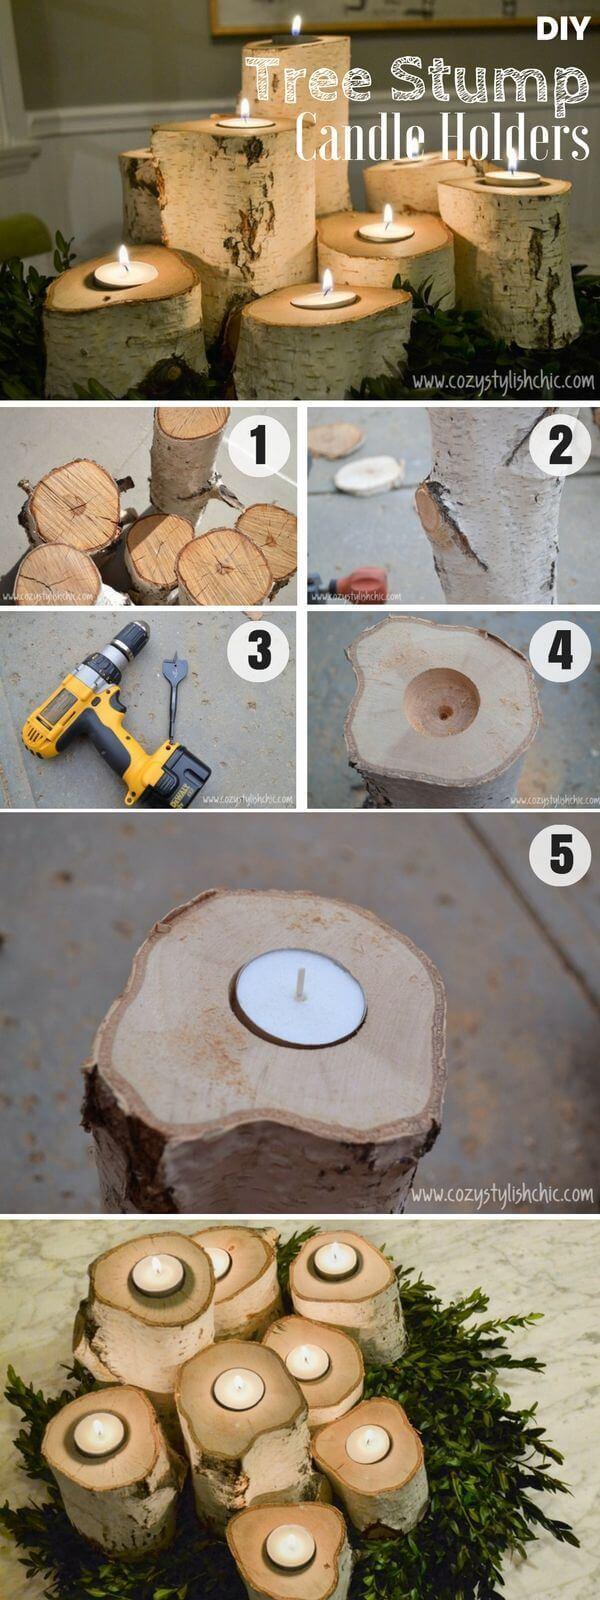 21 Crafty DIY Kerzenhalter Ideen zur Verschönerung Ihres Raumes